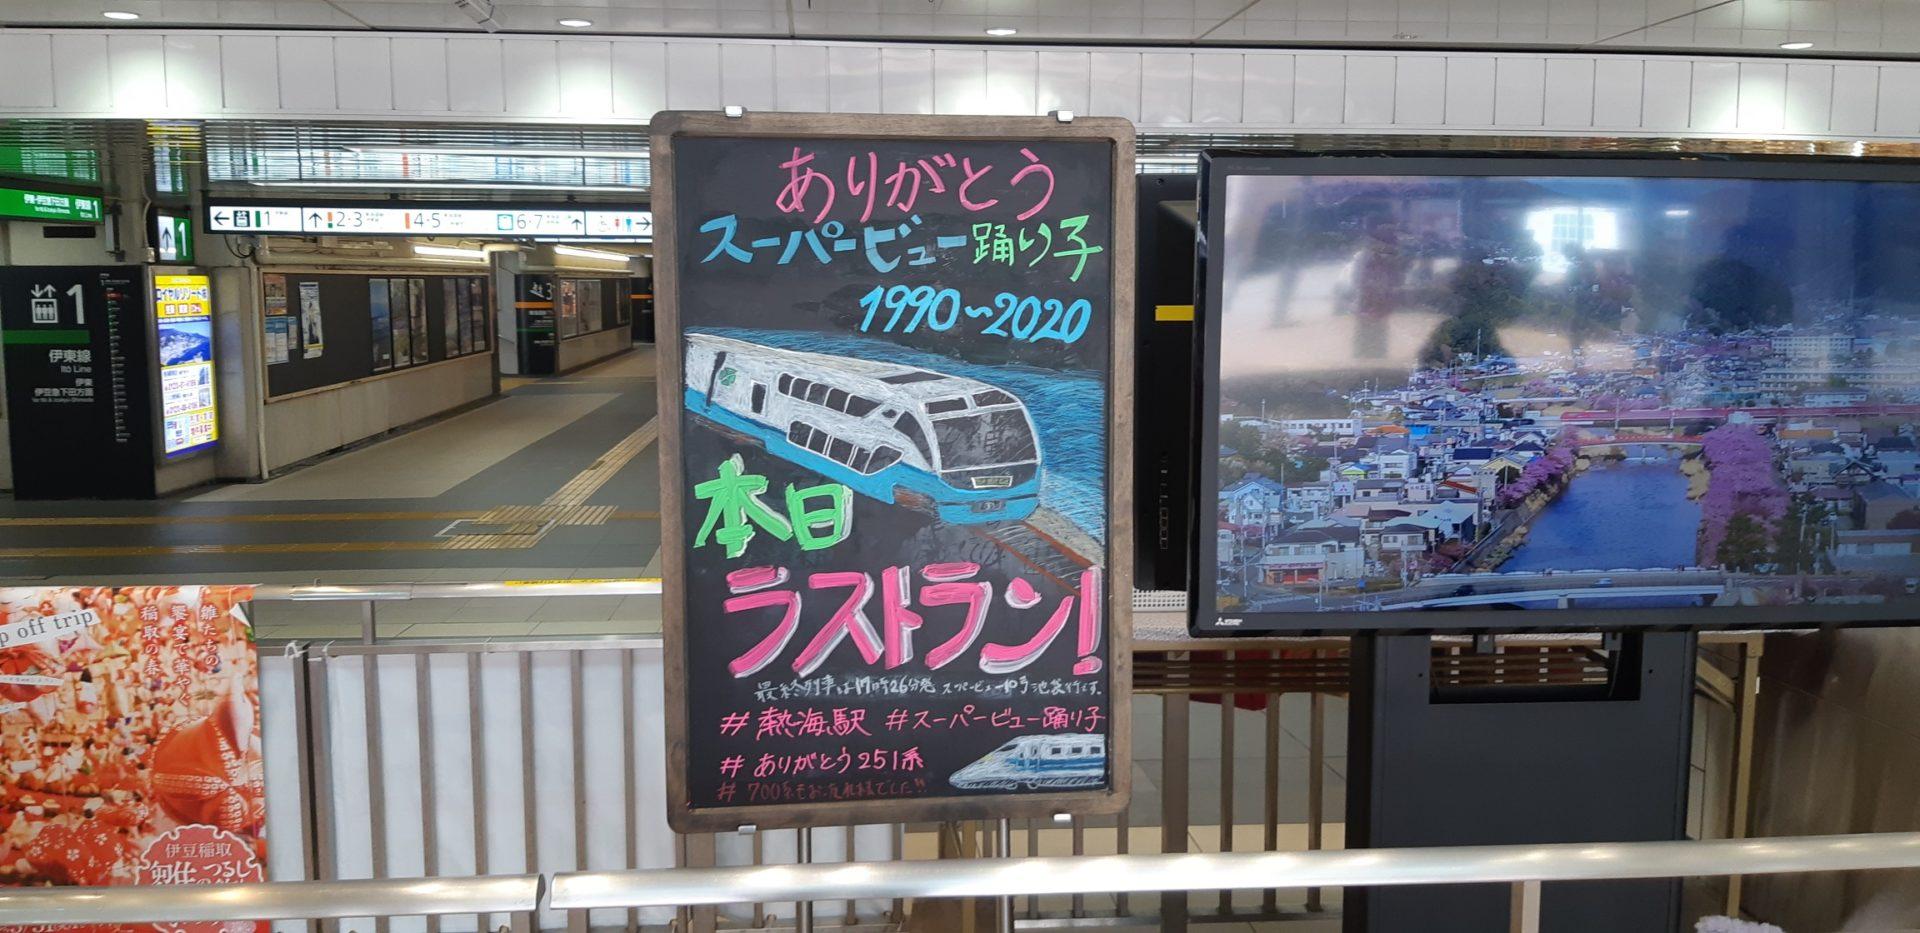 『スーパービュー踊り子』ラストラン!!3月13日